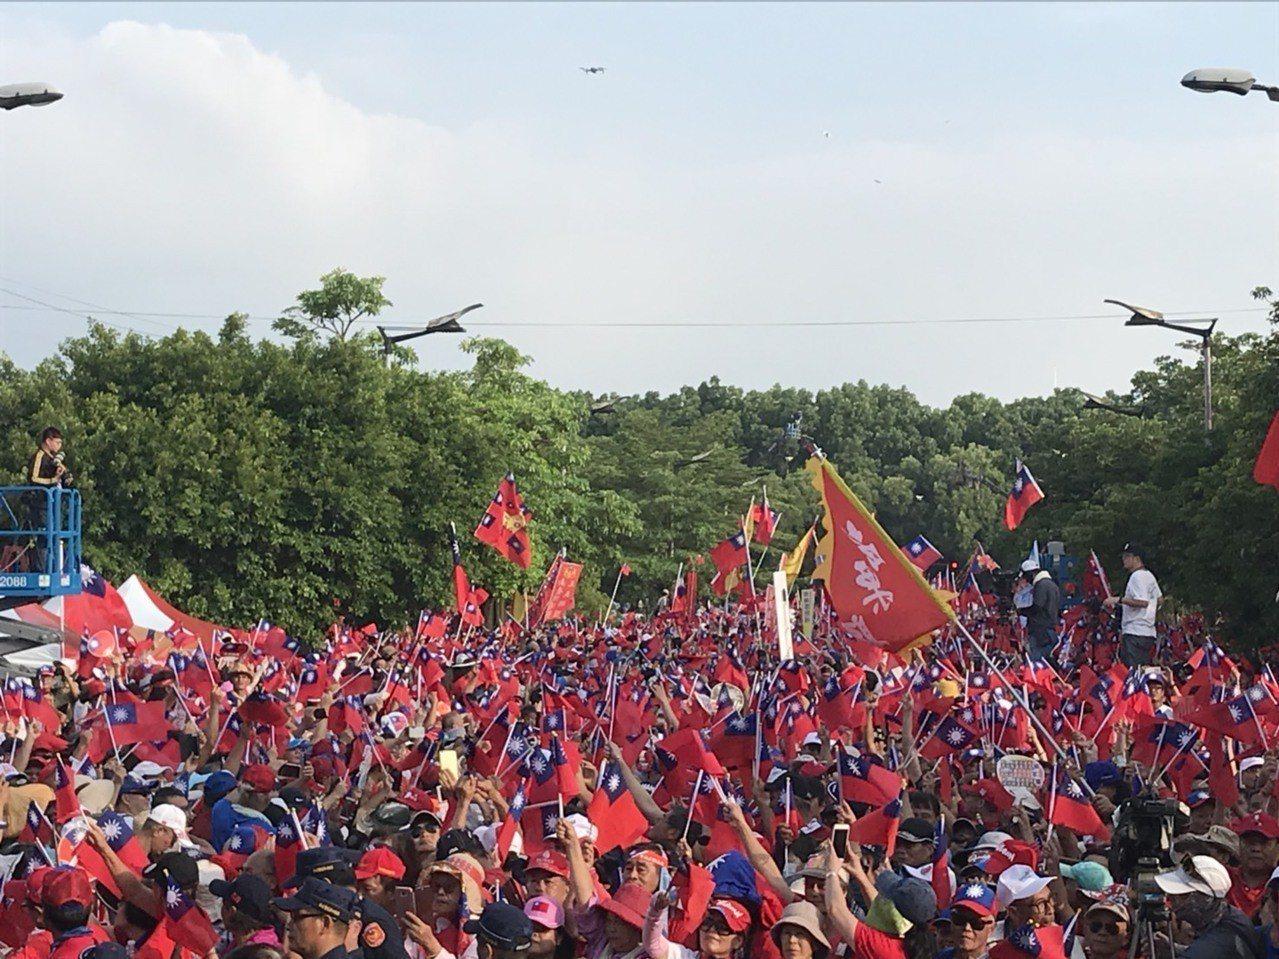 韓國瑜雲林造勢活動,下午五時5分,韓國瑜在青年軍的簇擁下進場,主持人許淑華宣布現...